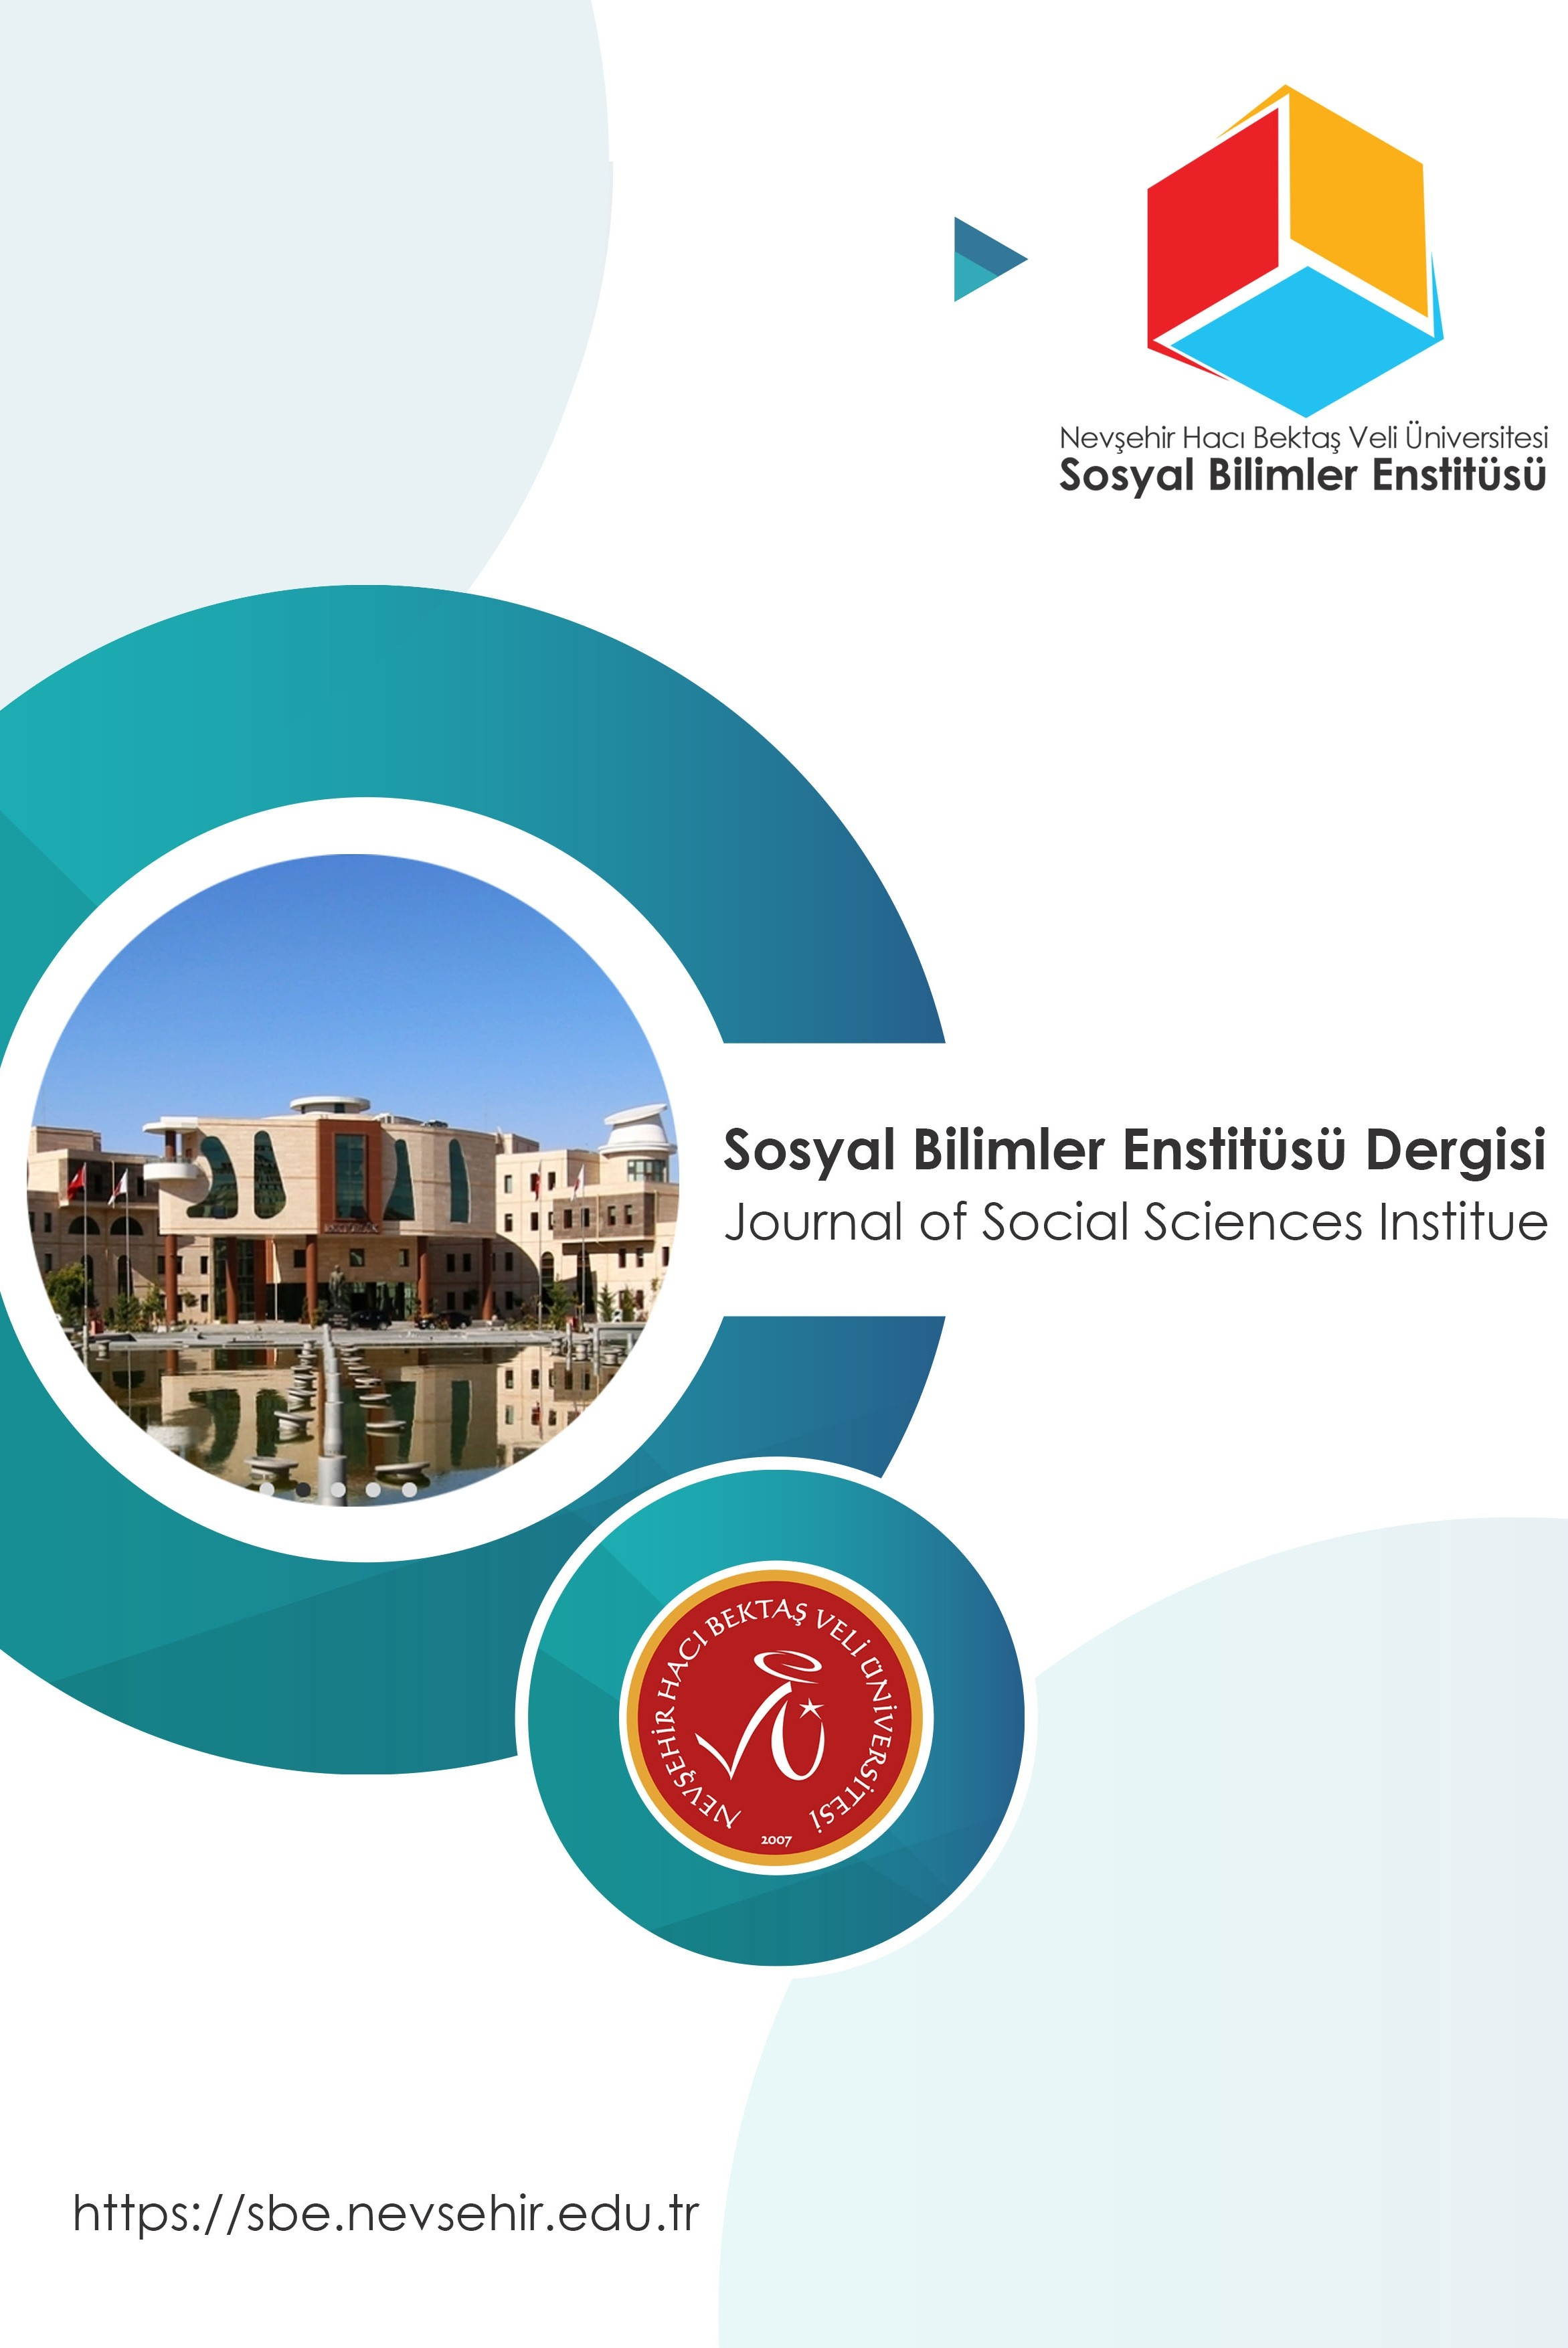 Nevşehir Hacı Bektaş Veli University Journal of ISS